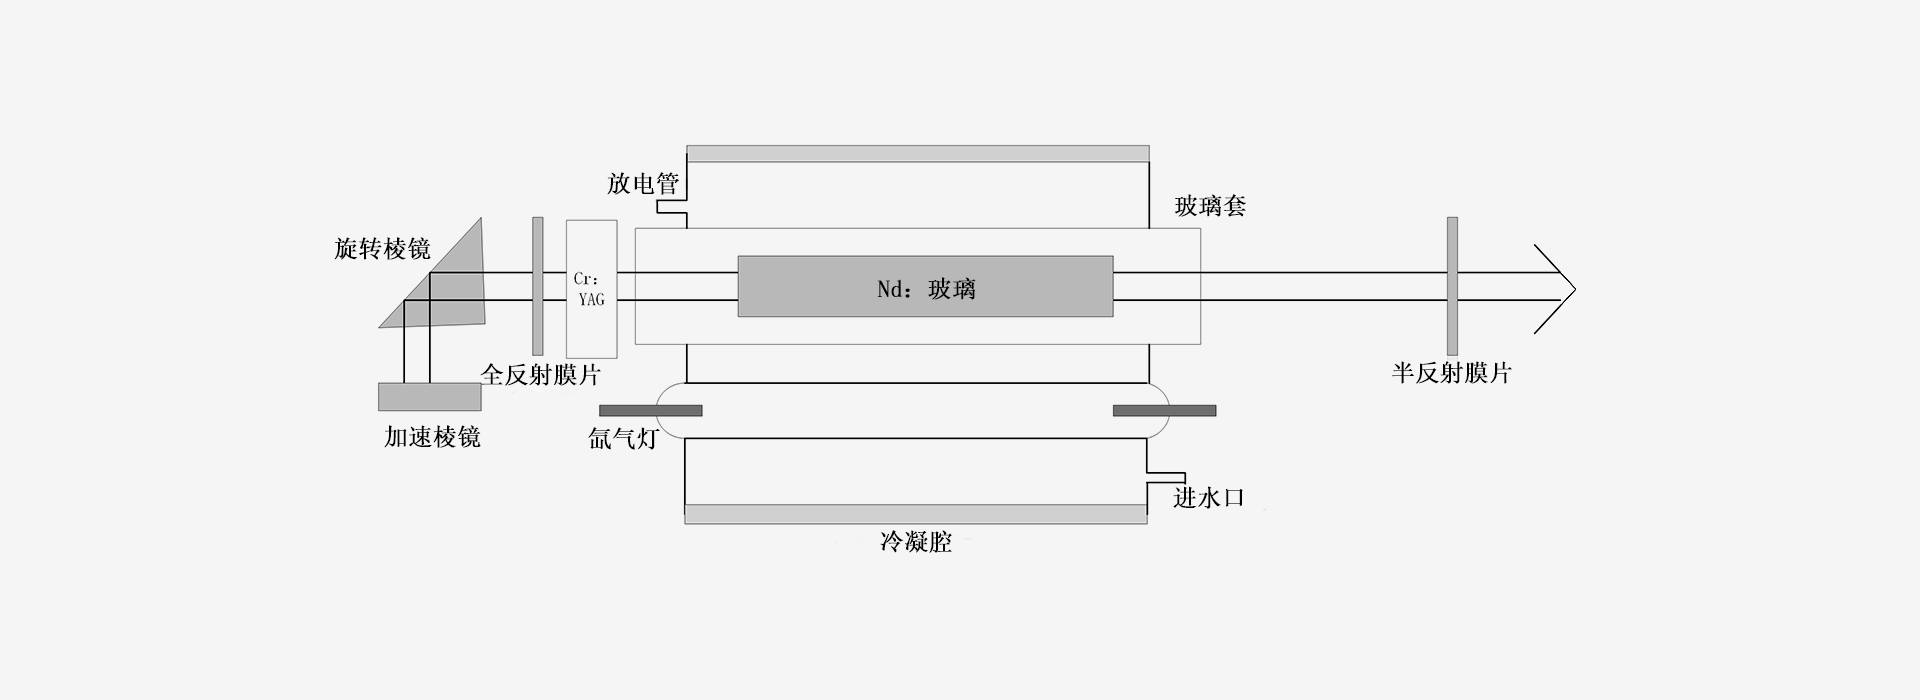 1060nm-激光器原理图-南京光宝-CRYLINK